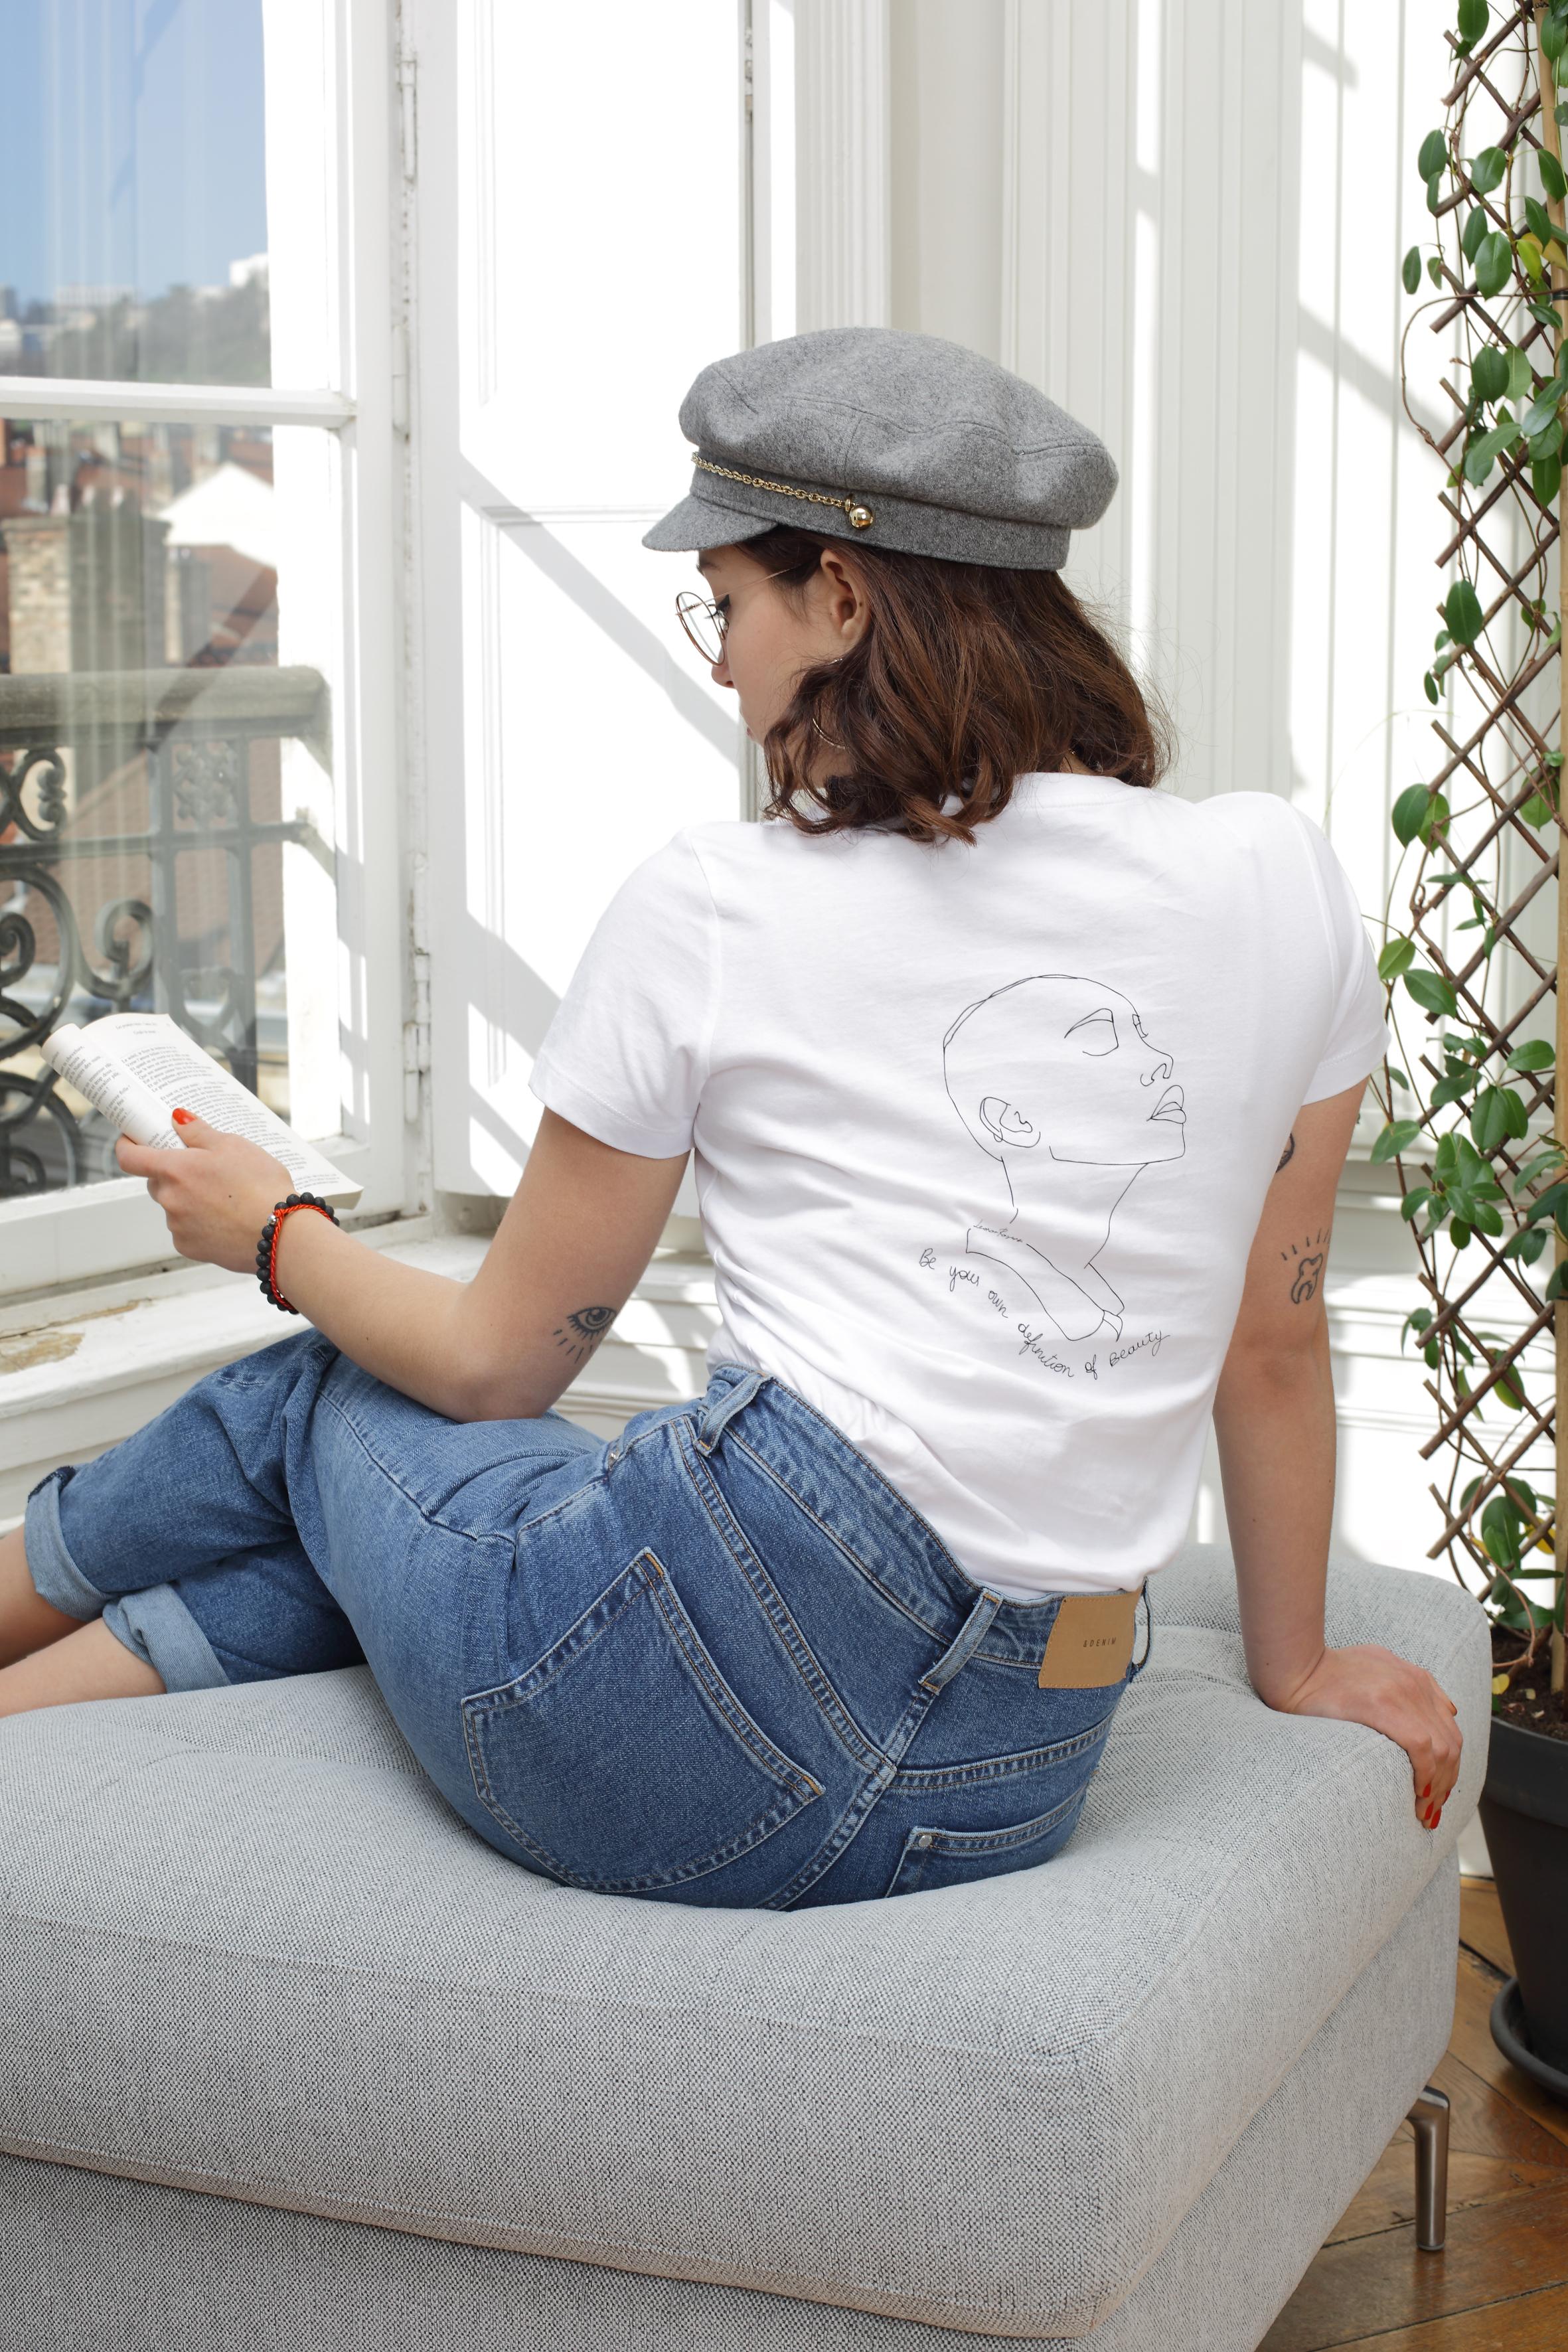 femme qui lit un livre, elle porte un tshirt blanc, le visuel est sekhemt